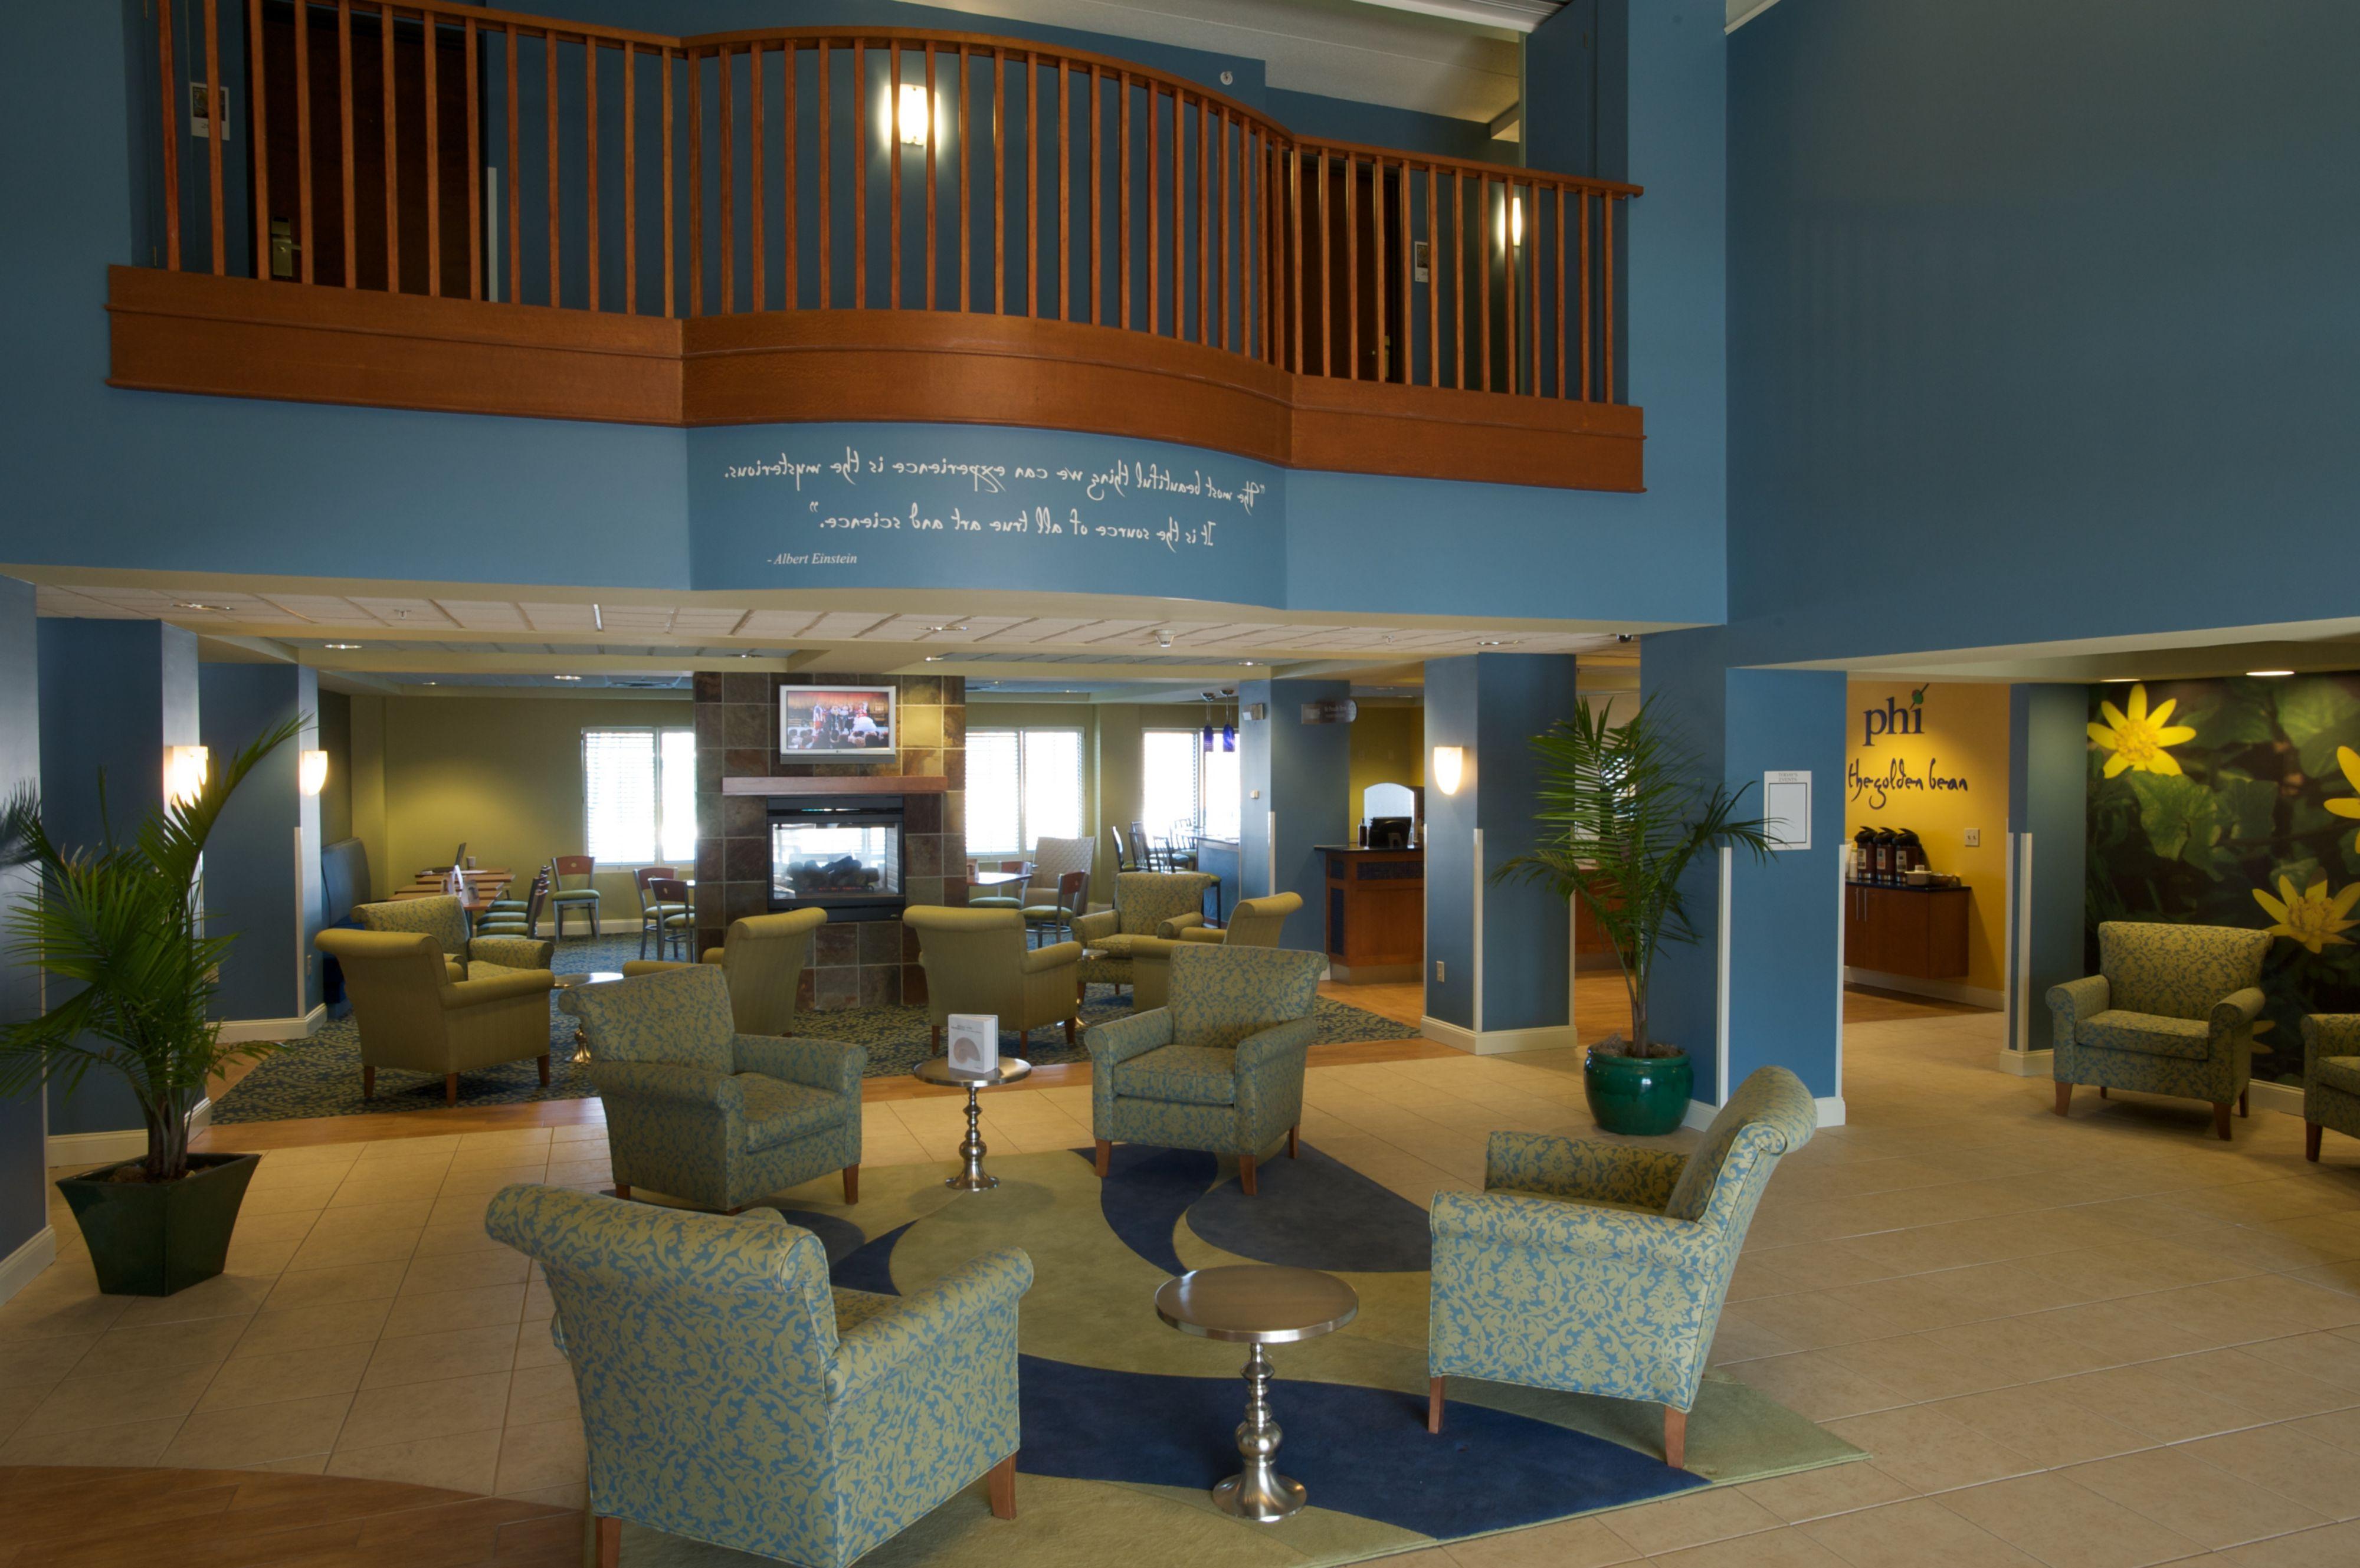 Hotel Indigo Albany Latham image 4